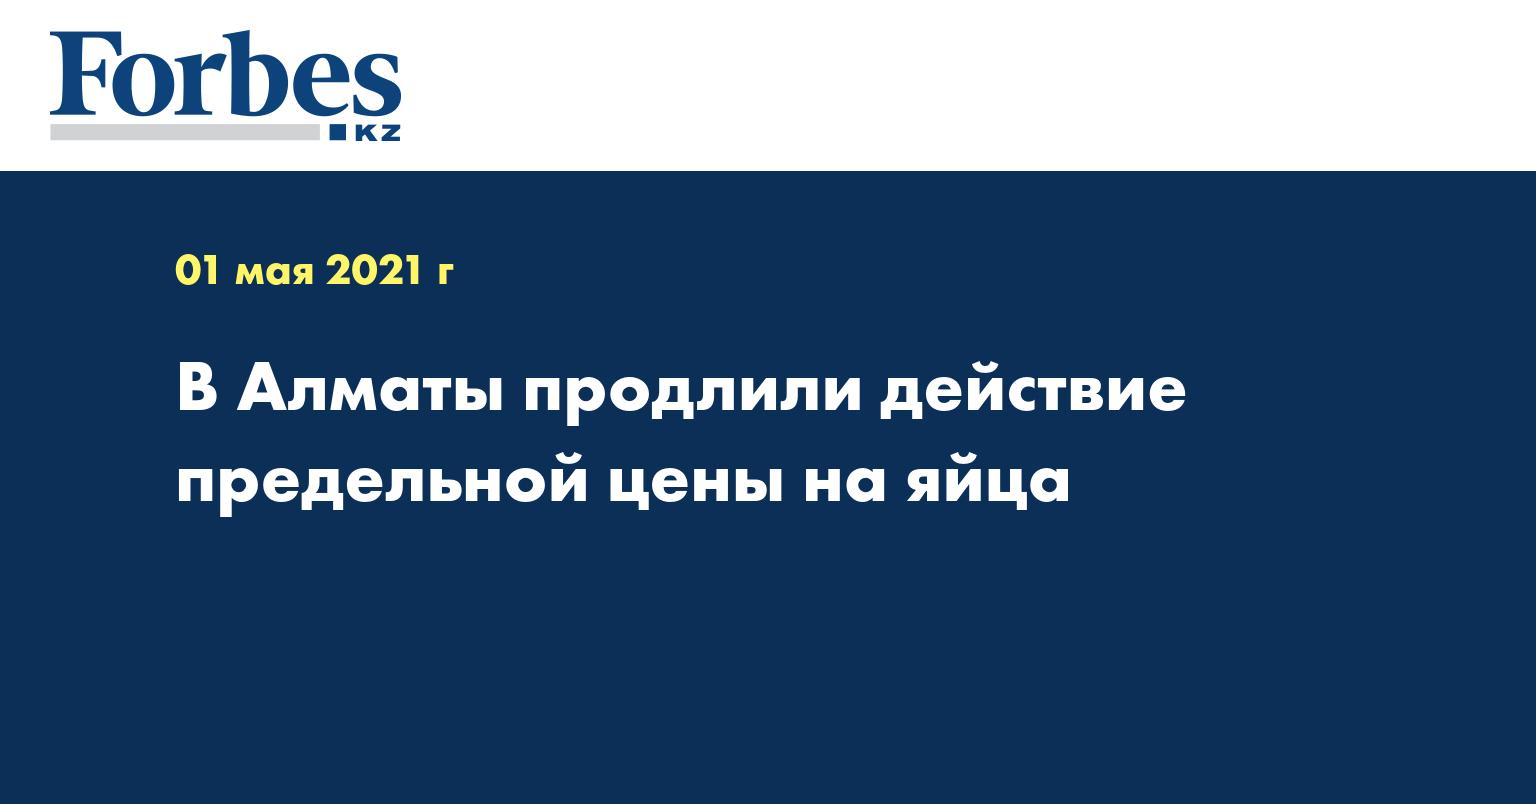 В Алматы продлили действие предельной цены на яйца